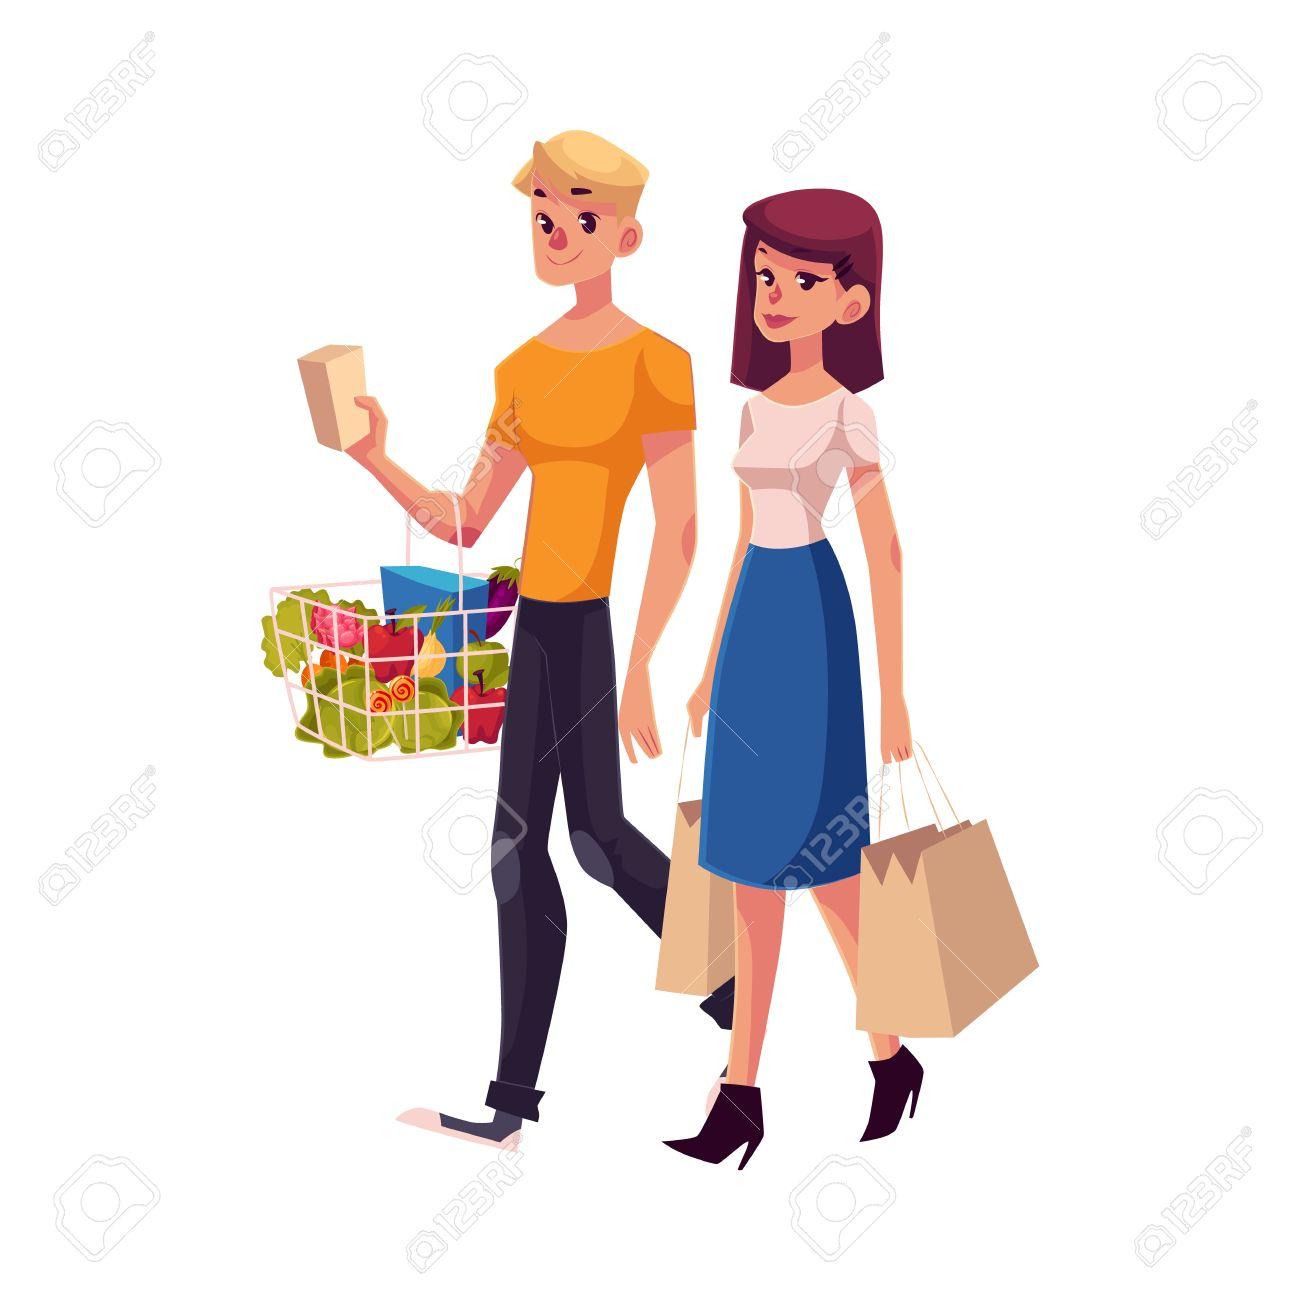 El hombre y la mujer con bolsas de la compra. ilustración vectorial de dibujos animados de la mujer y el hombre va plana con teléfono y paquetes en